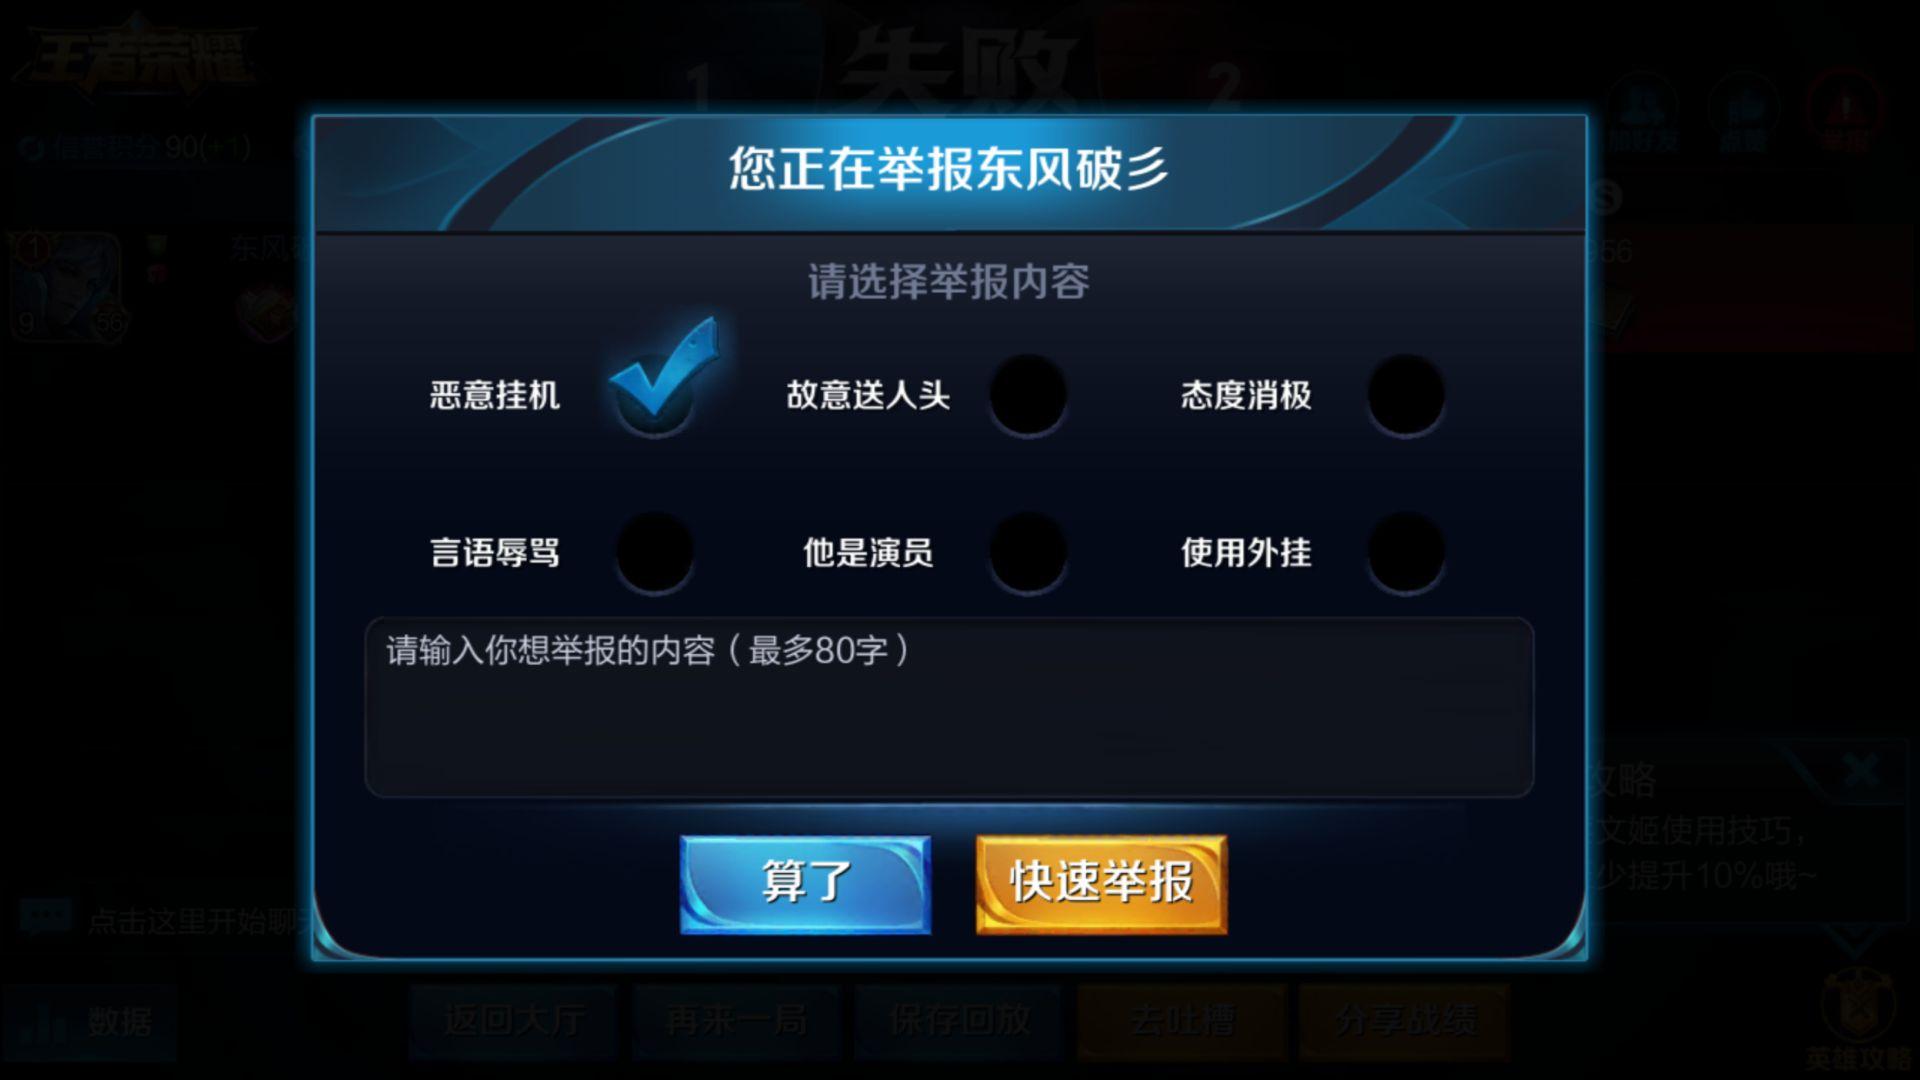 第1弹《王者荣耀英雄皮肤CG》竞技游戏64